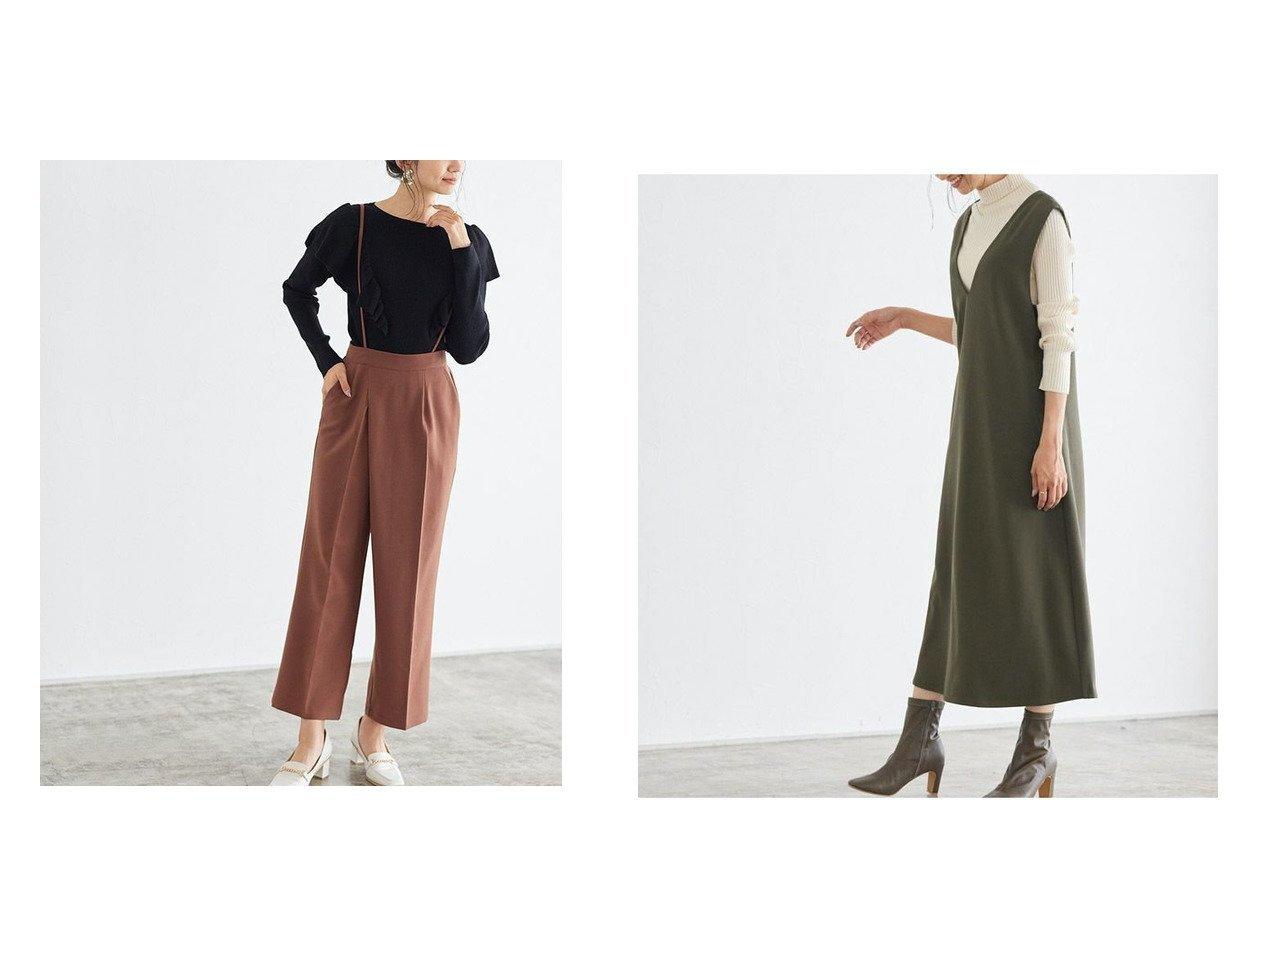 【Pierrot/ピエロ】のショルダー付きラップパンツ&Vネックジャンパースカート 【プチプライス・低価格】おすすめ!人気、トレンド・レディースファッションの通販 おすすめで人気の流行・トレンド、ファッションの通販商品 インテリア・家具・メンズファッション・キッズファッション・レディースファッション・服の通販 founy(ファニー) https://founy.com/ ファッション Fashion レディースファッション WOMEN パンツ Pants スカート Skirt ショルダー プチプライス・低価格 Affordable ラップ インナー  ID:crp329100000071616